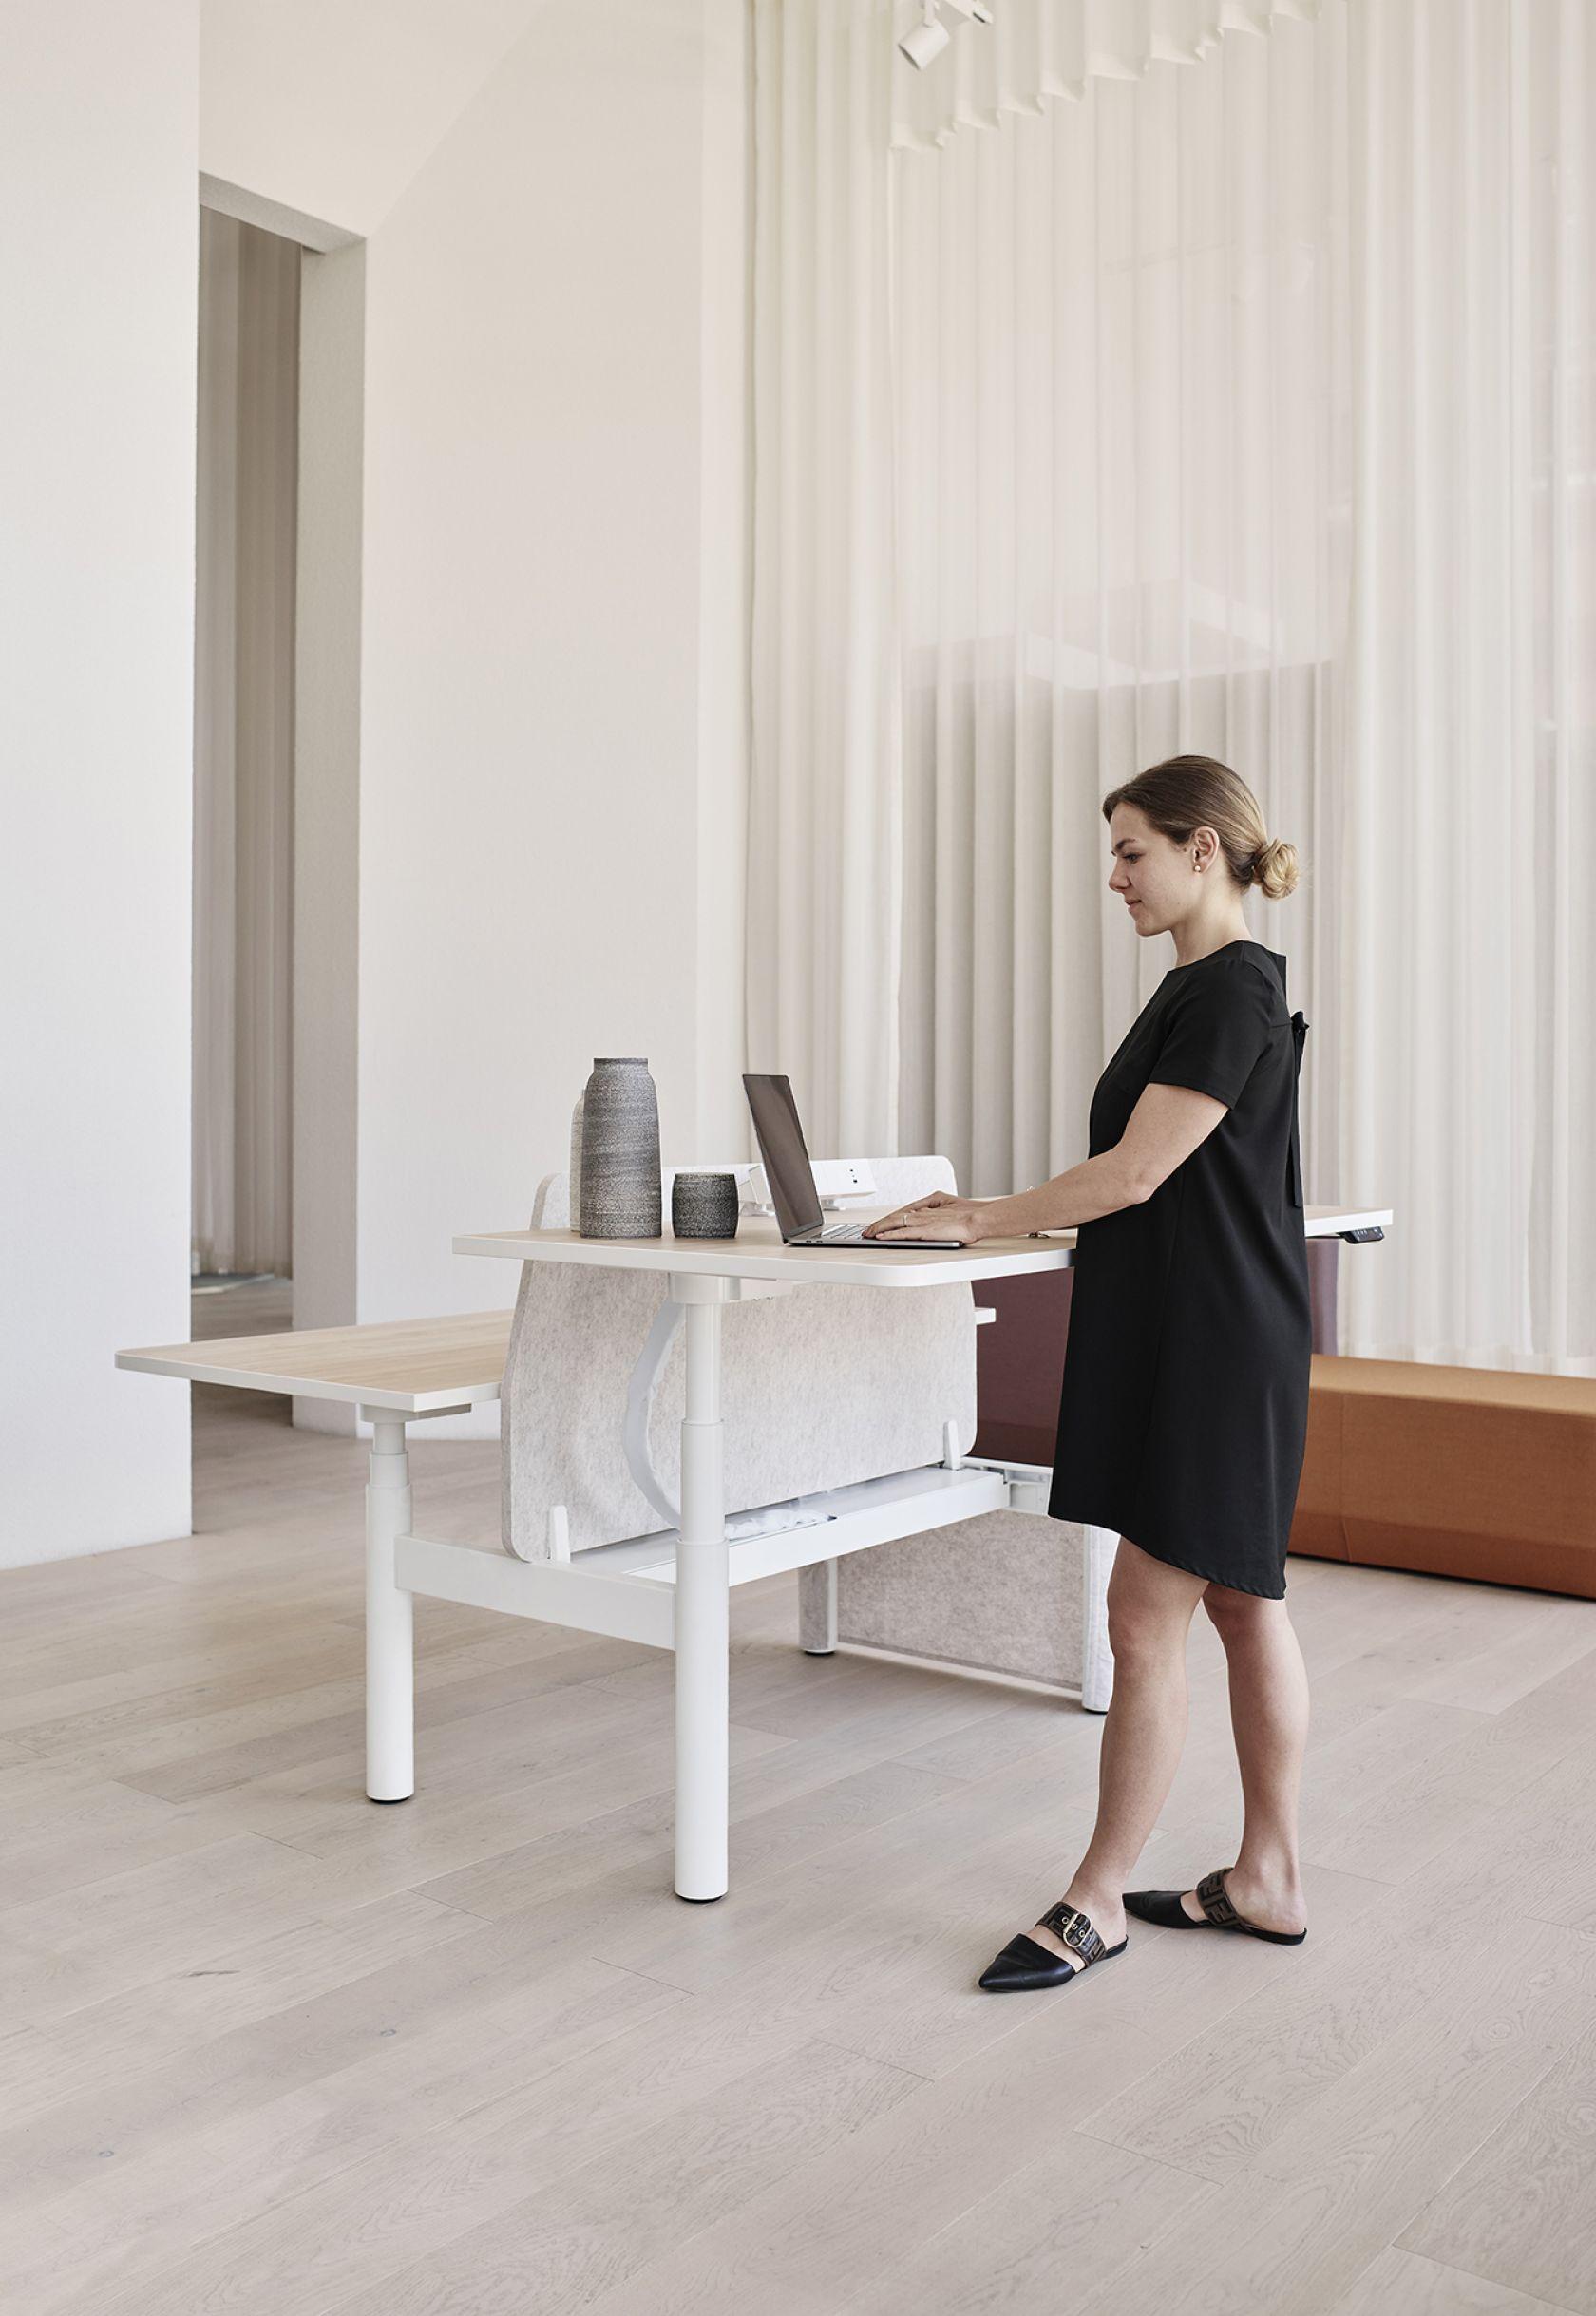 Krossi Sit Stand Workstation